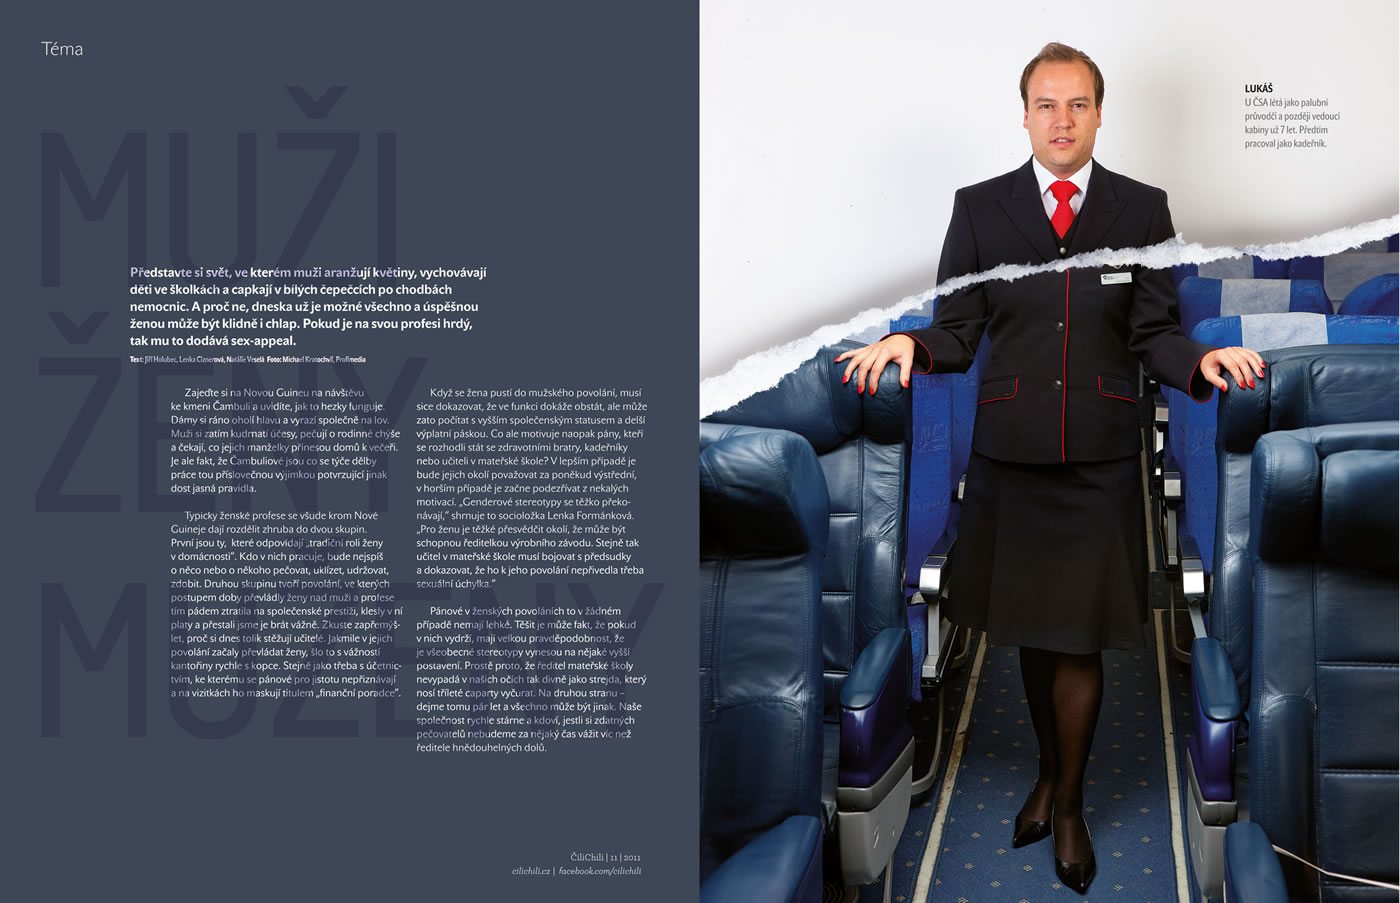 vodafone s customer magazine cilichili men in women s role issue andandand creative men in womens jobs issue 01